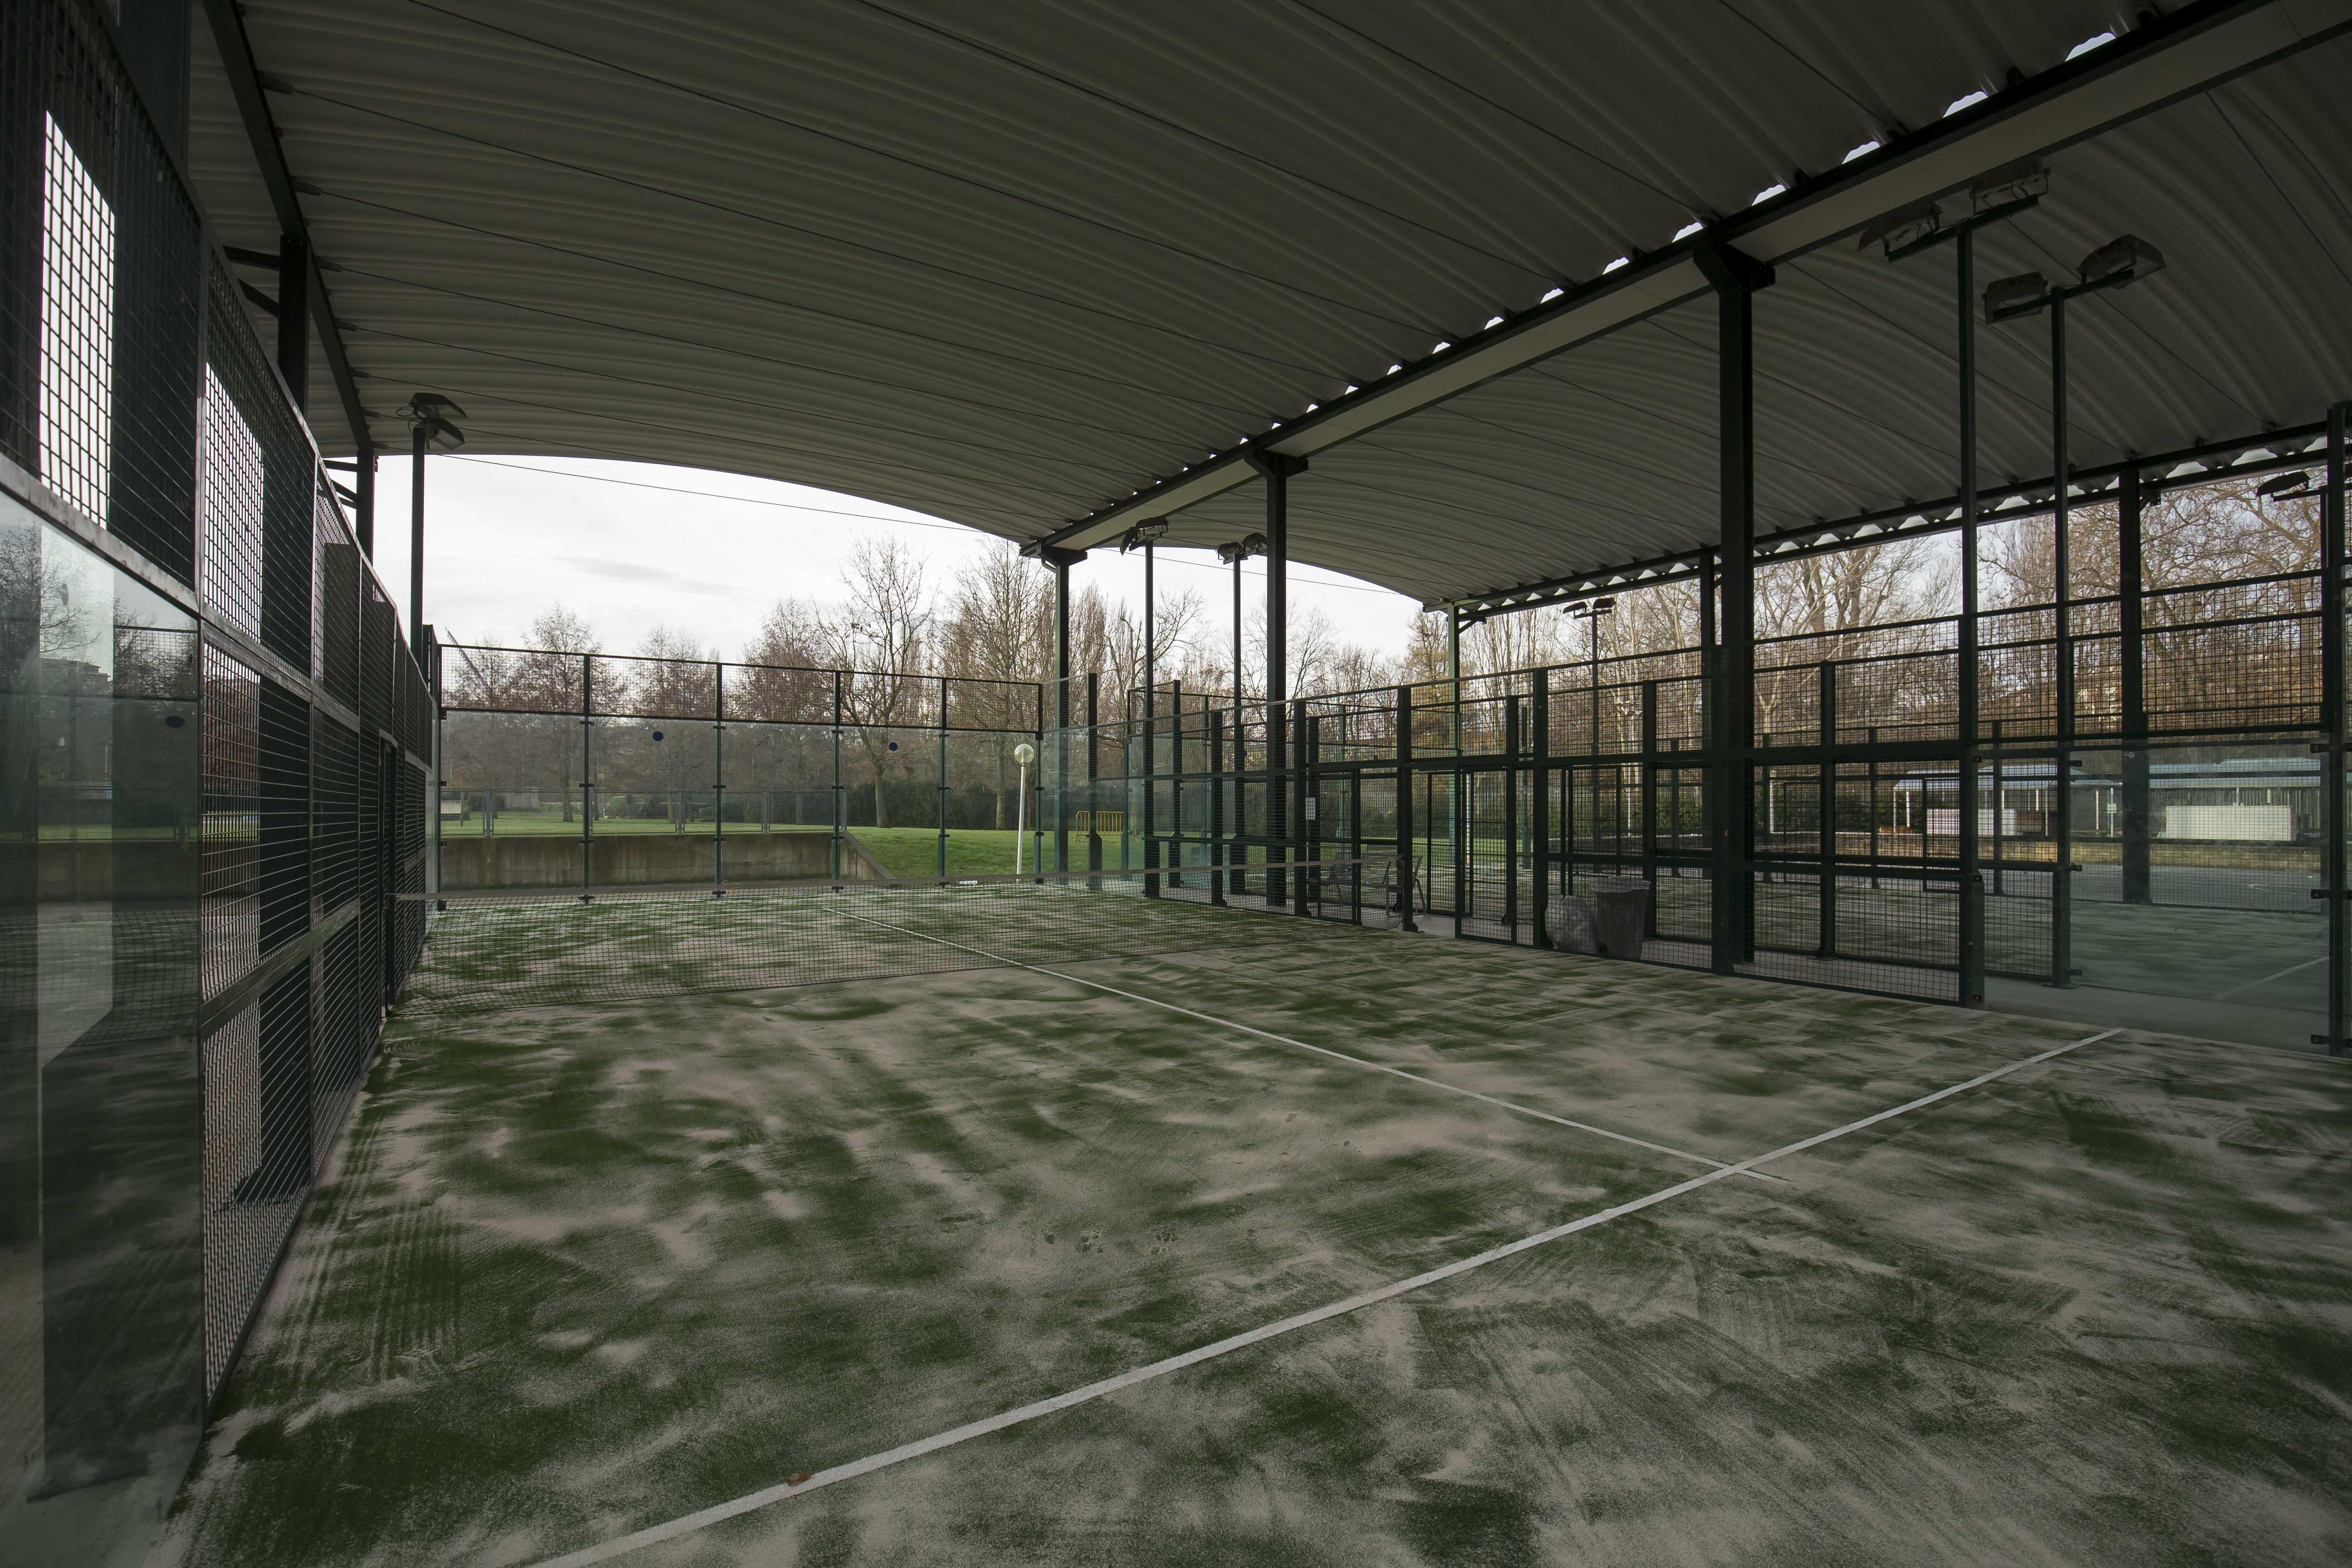 Las pistas de pádel del Complejo Deportivo Aranzadi estrenan césped artificial de última generación